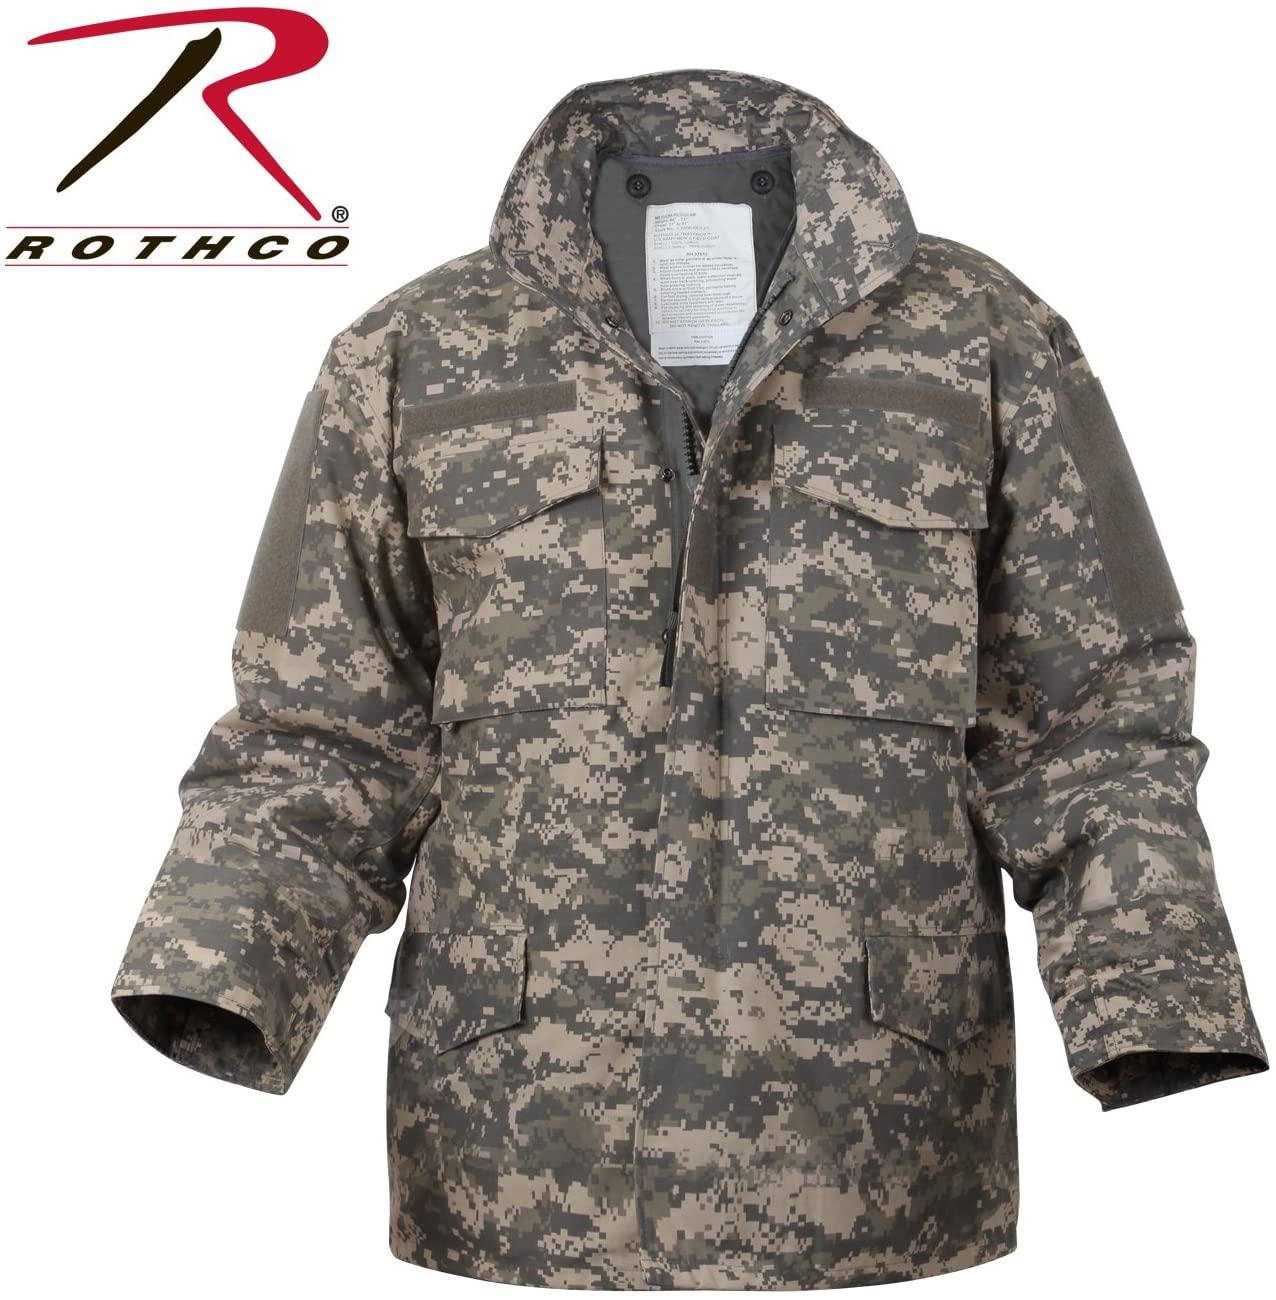 Rothco M-65 Field Jacket, ACU Digital Camo, 2X